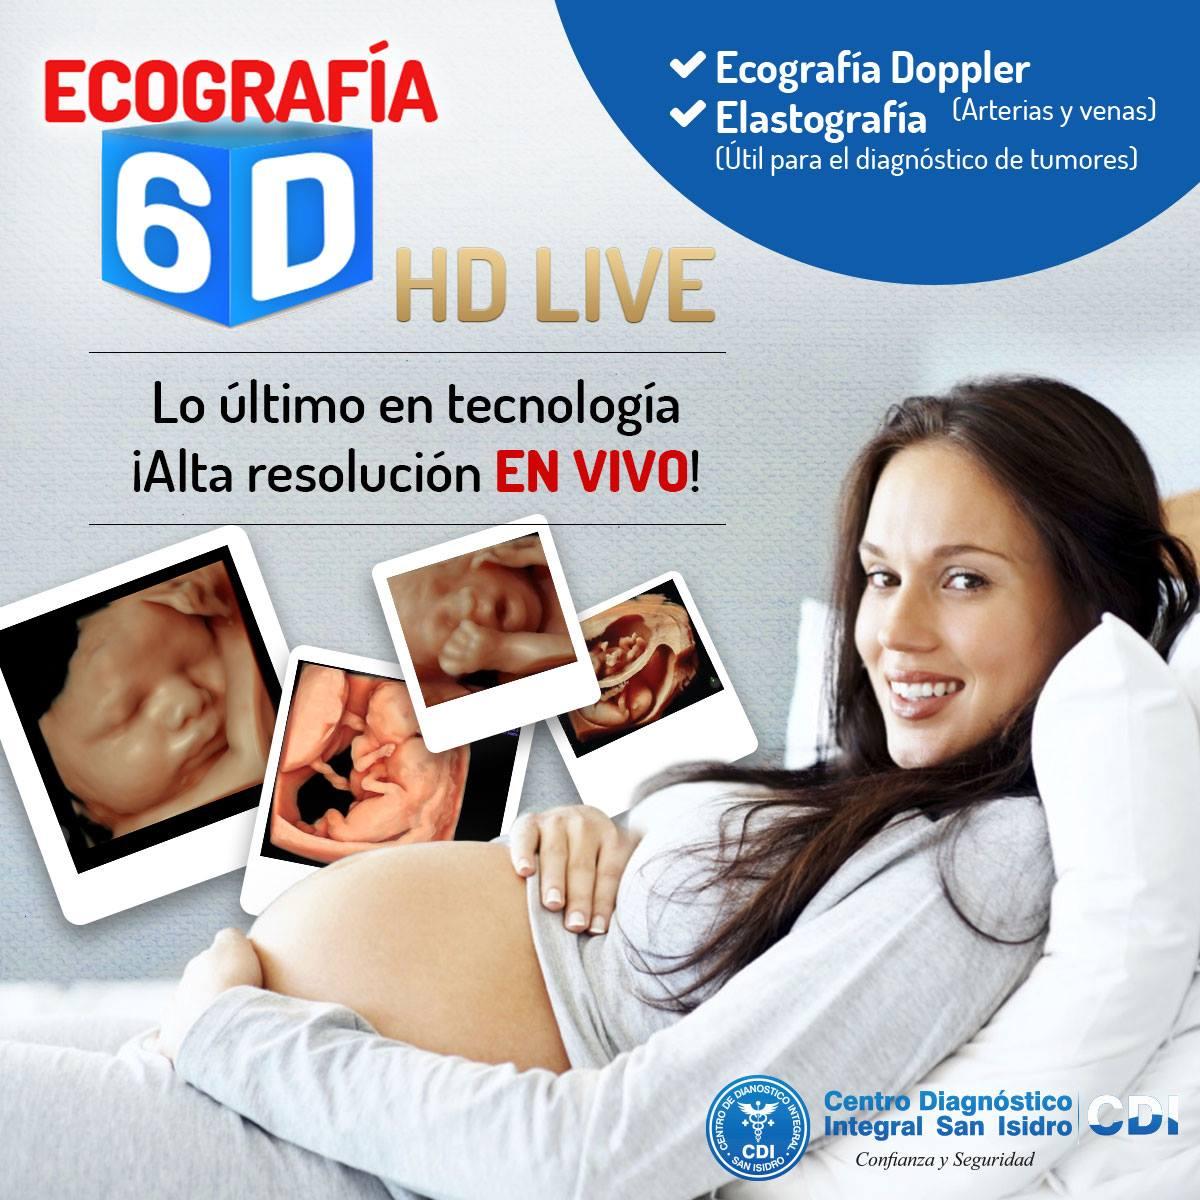 Ecografía 6D HD Live en alta definición